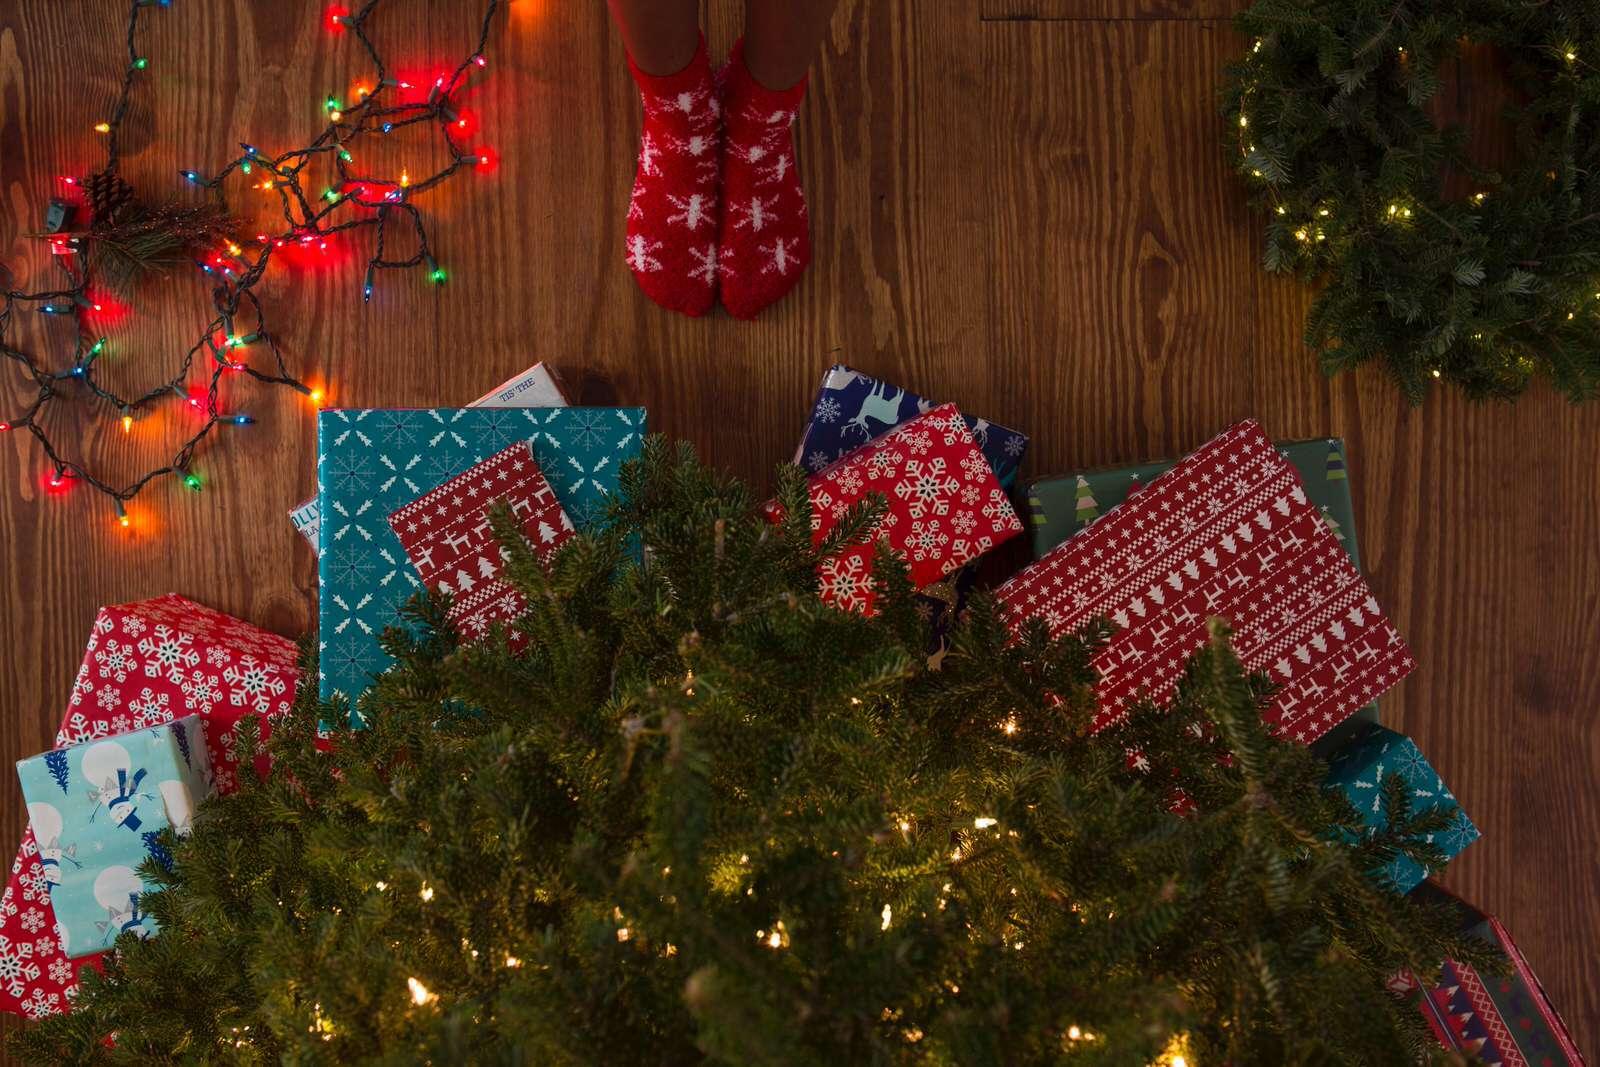 С Новым Годом и Рождеством Христовым! - UniverPL